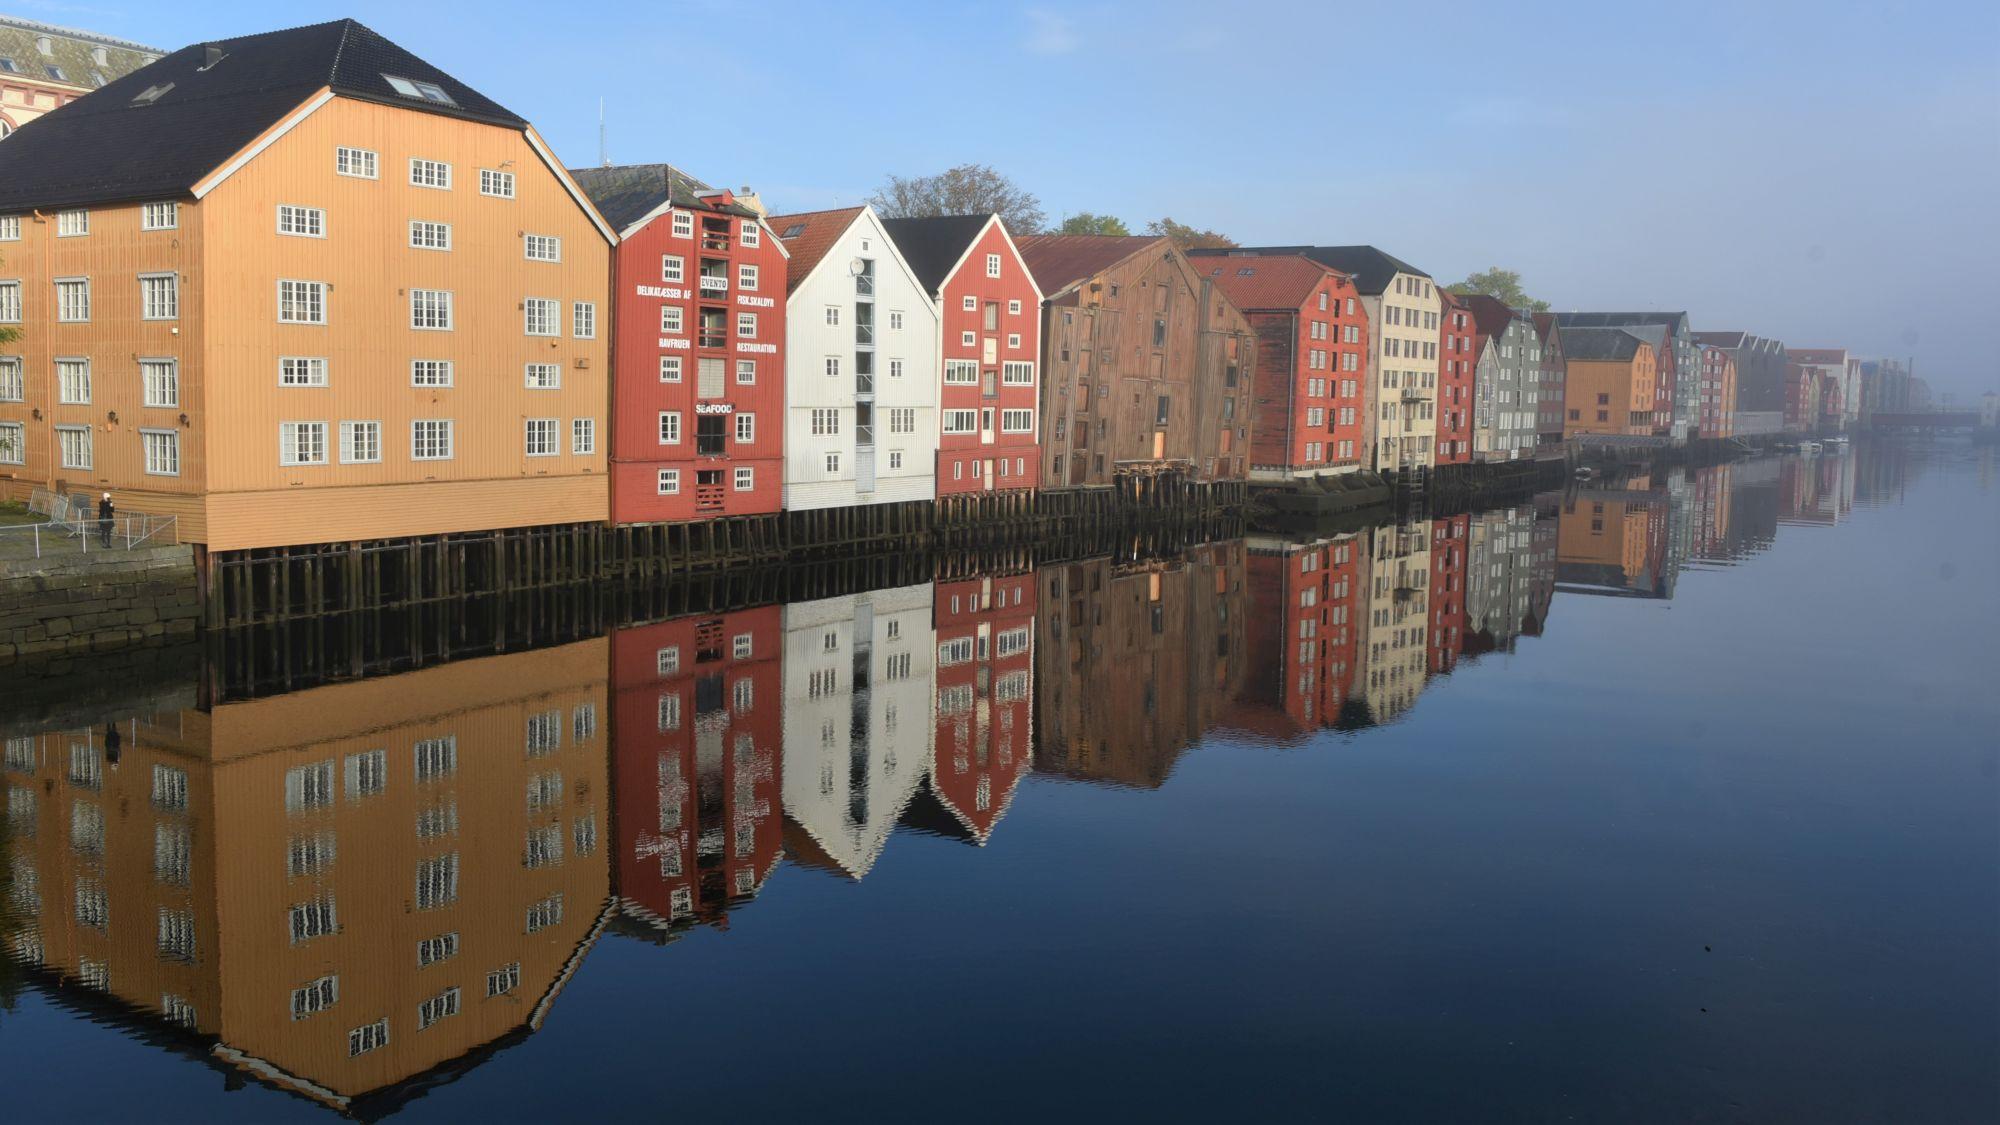 Häuserfront in Trondheim